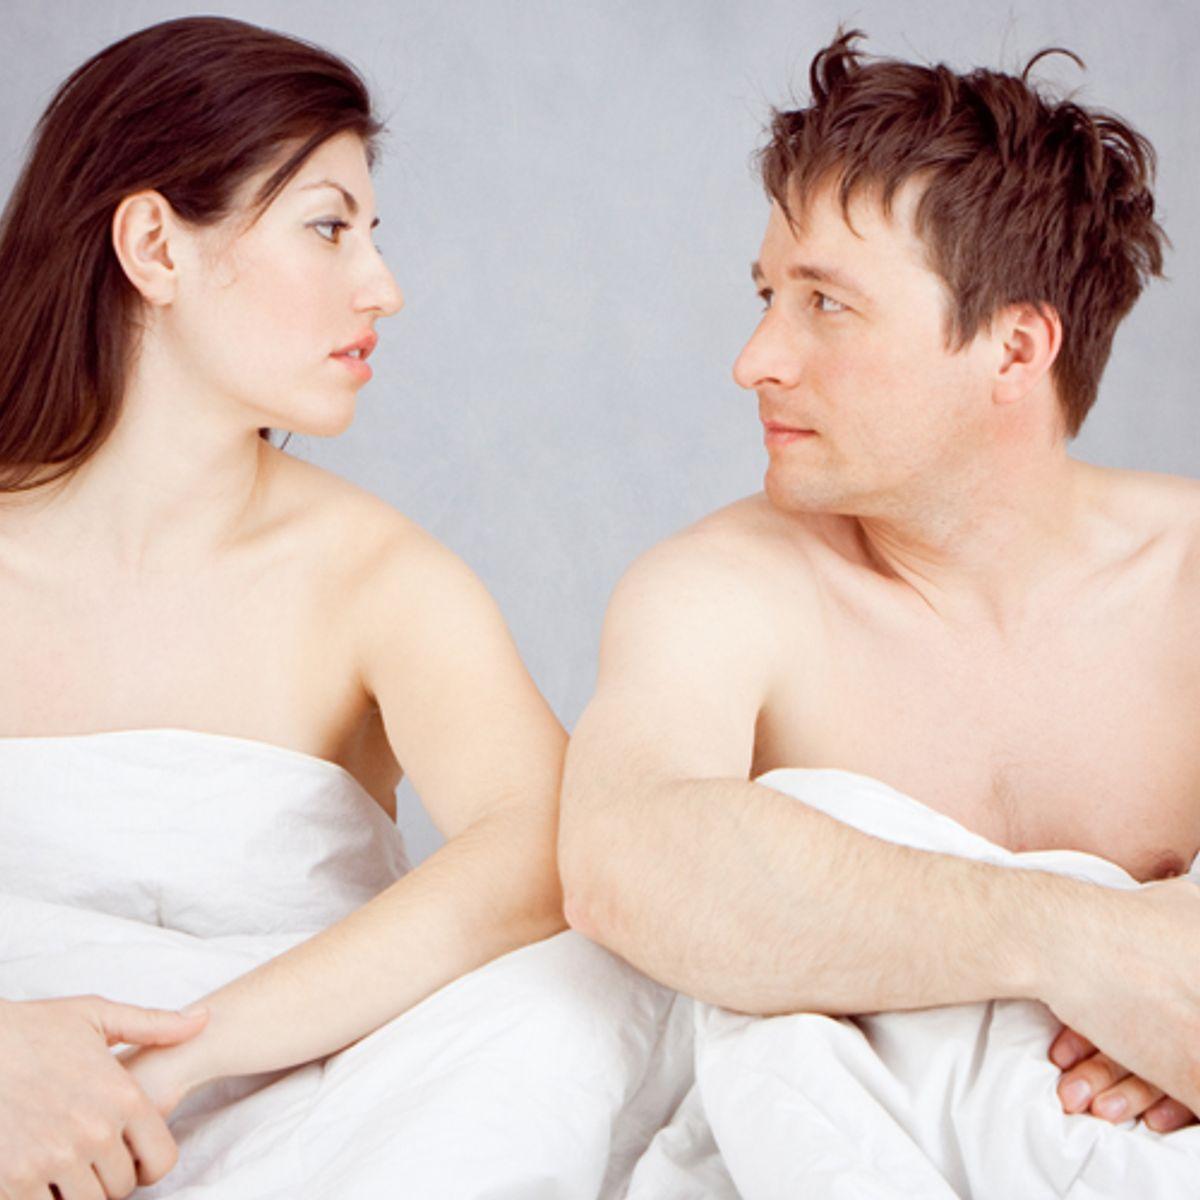 heartiste dating online